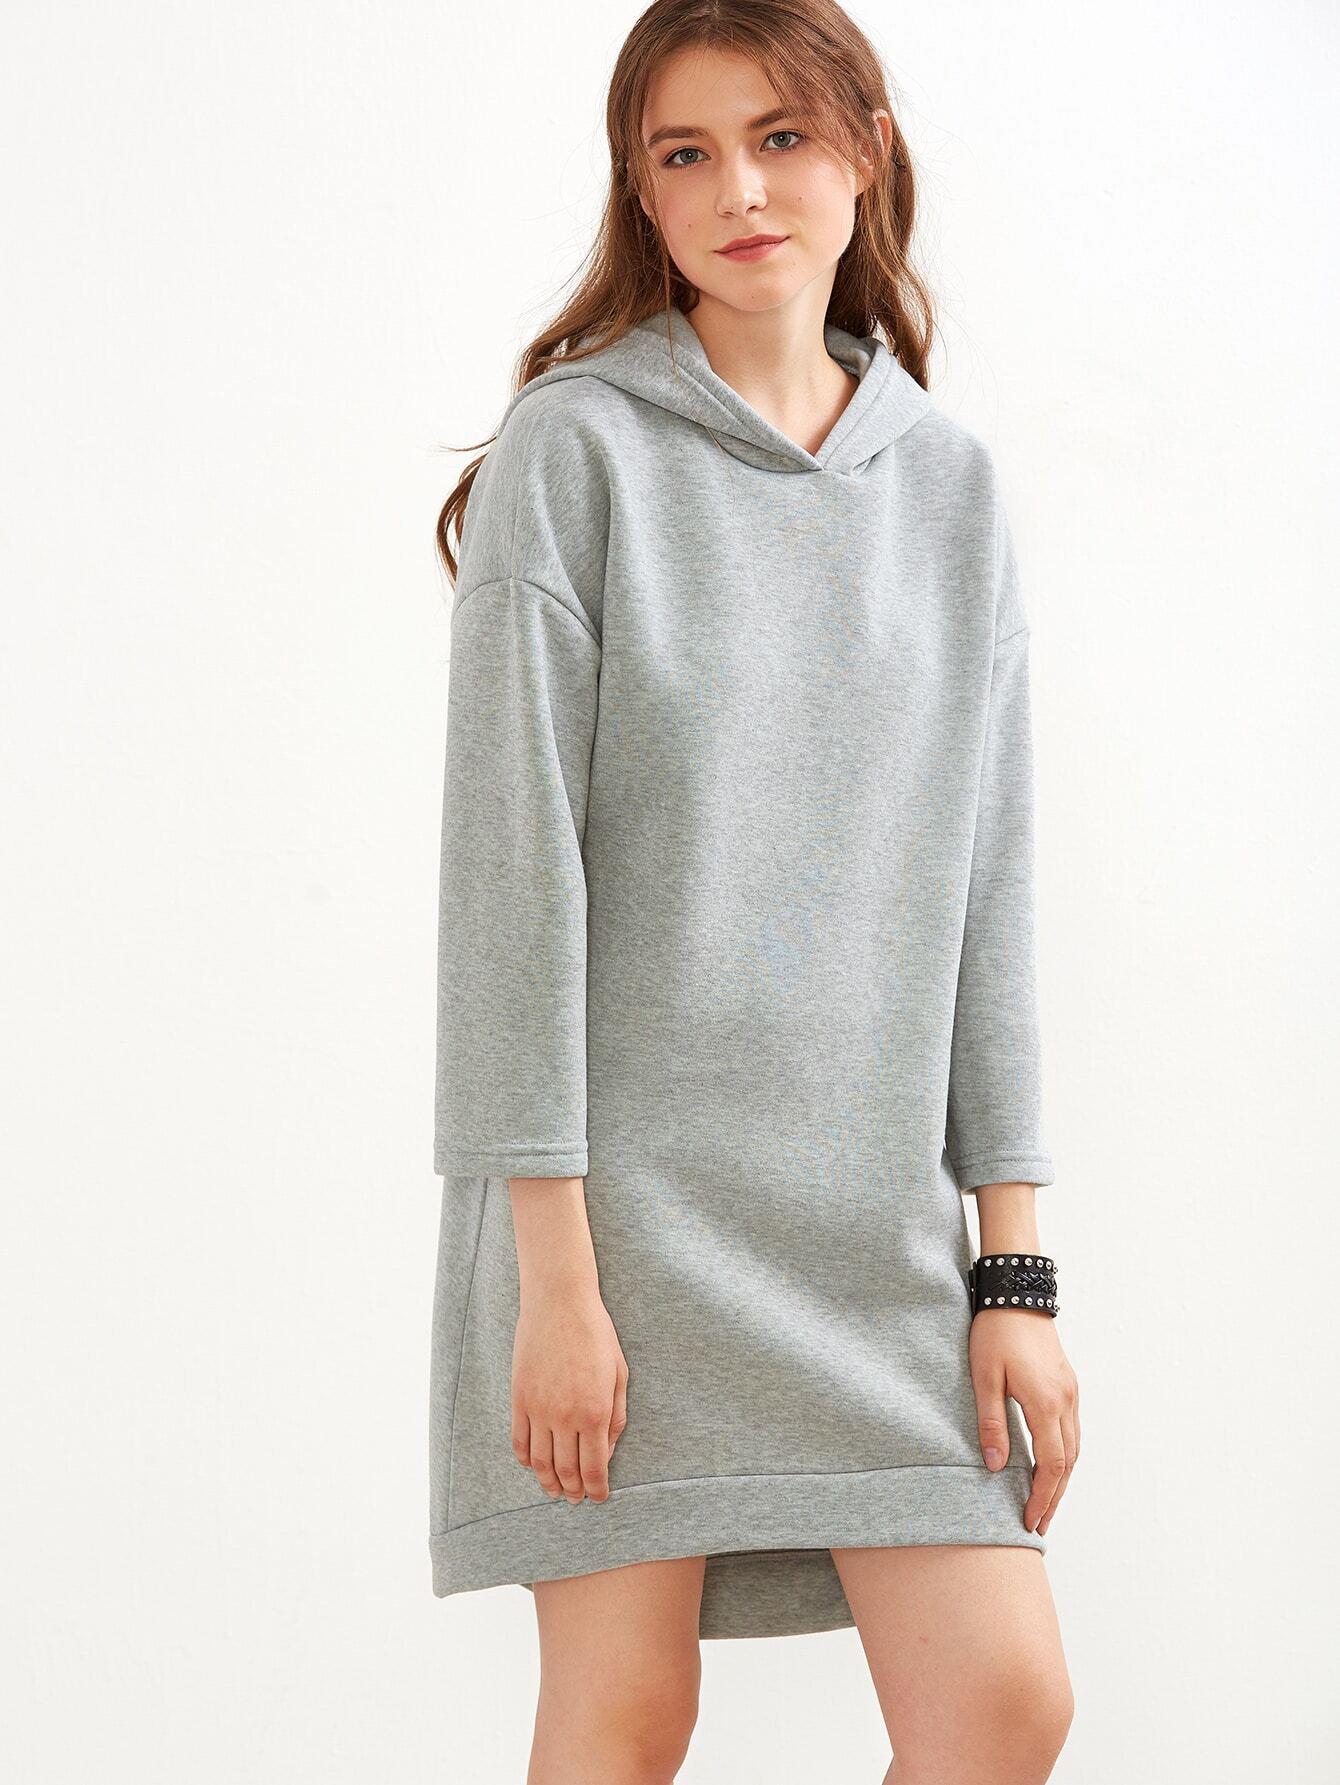 kapuzen sweatshirt kleid vorne kurz hinten lang drop